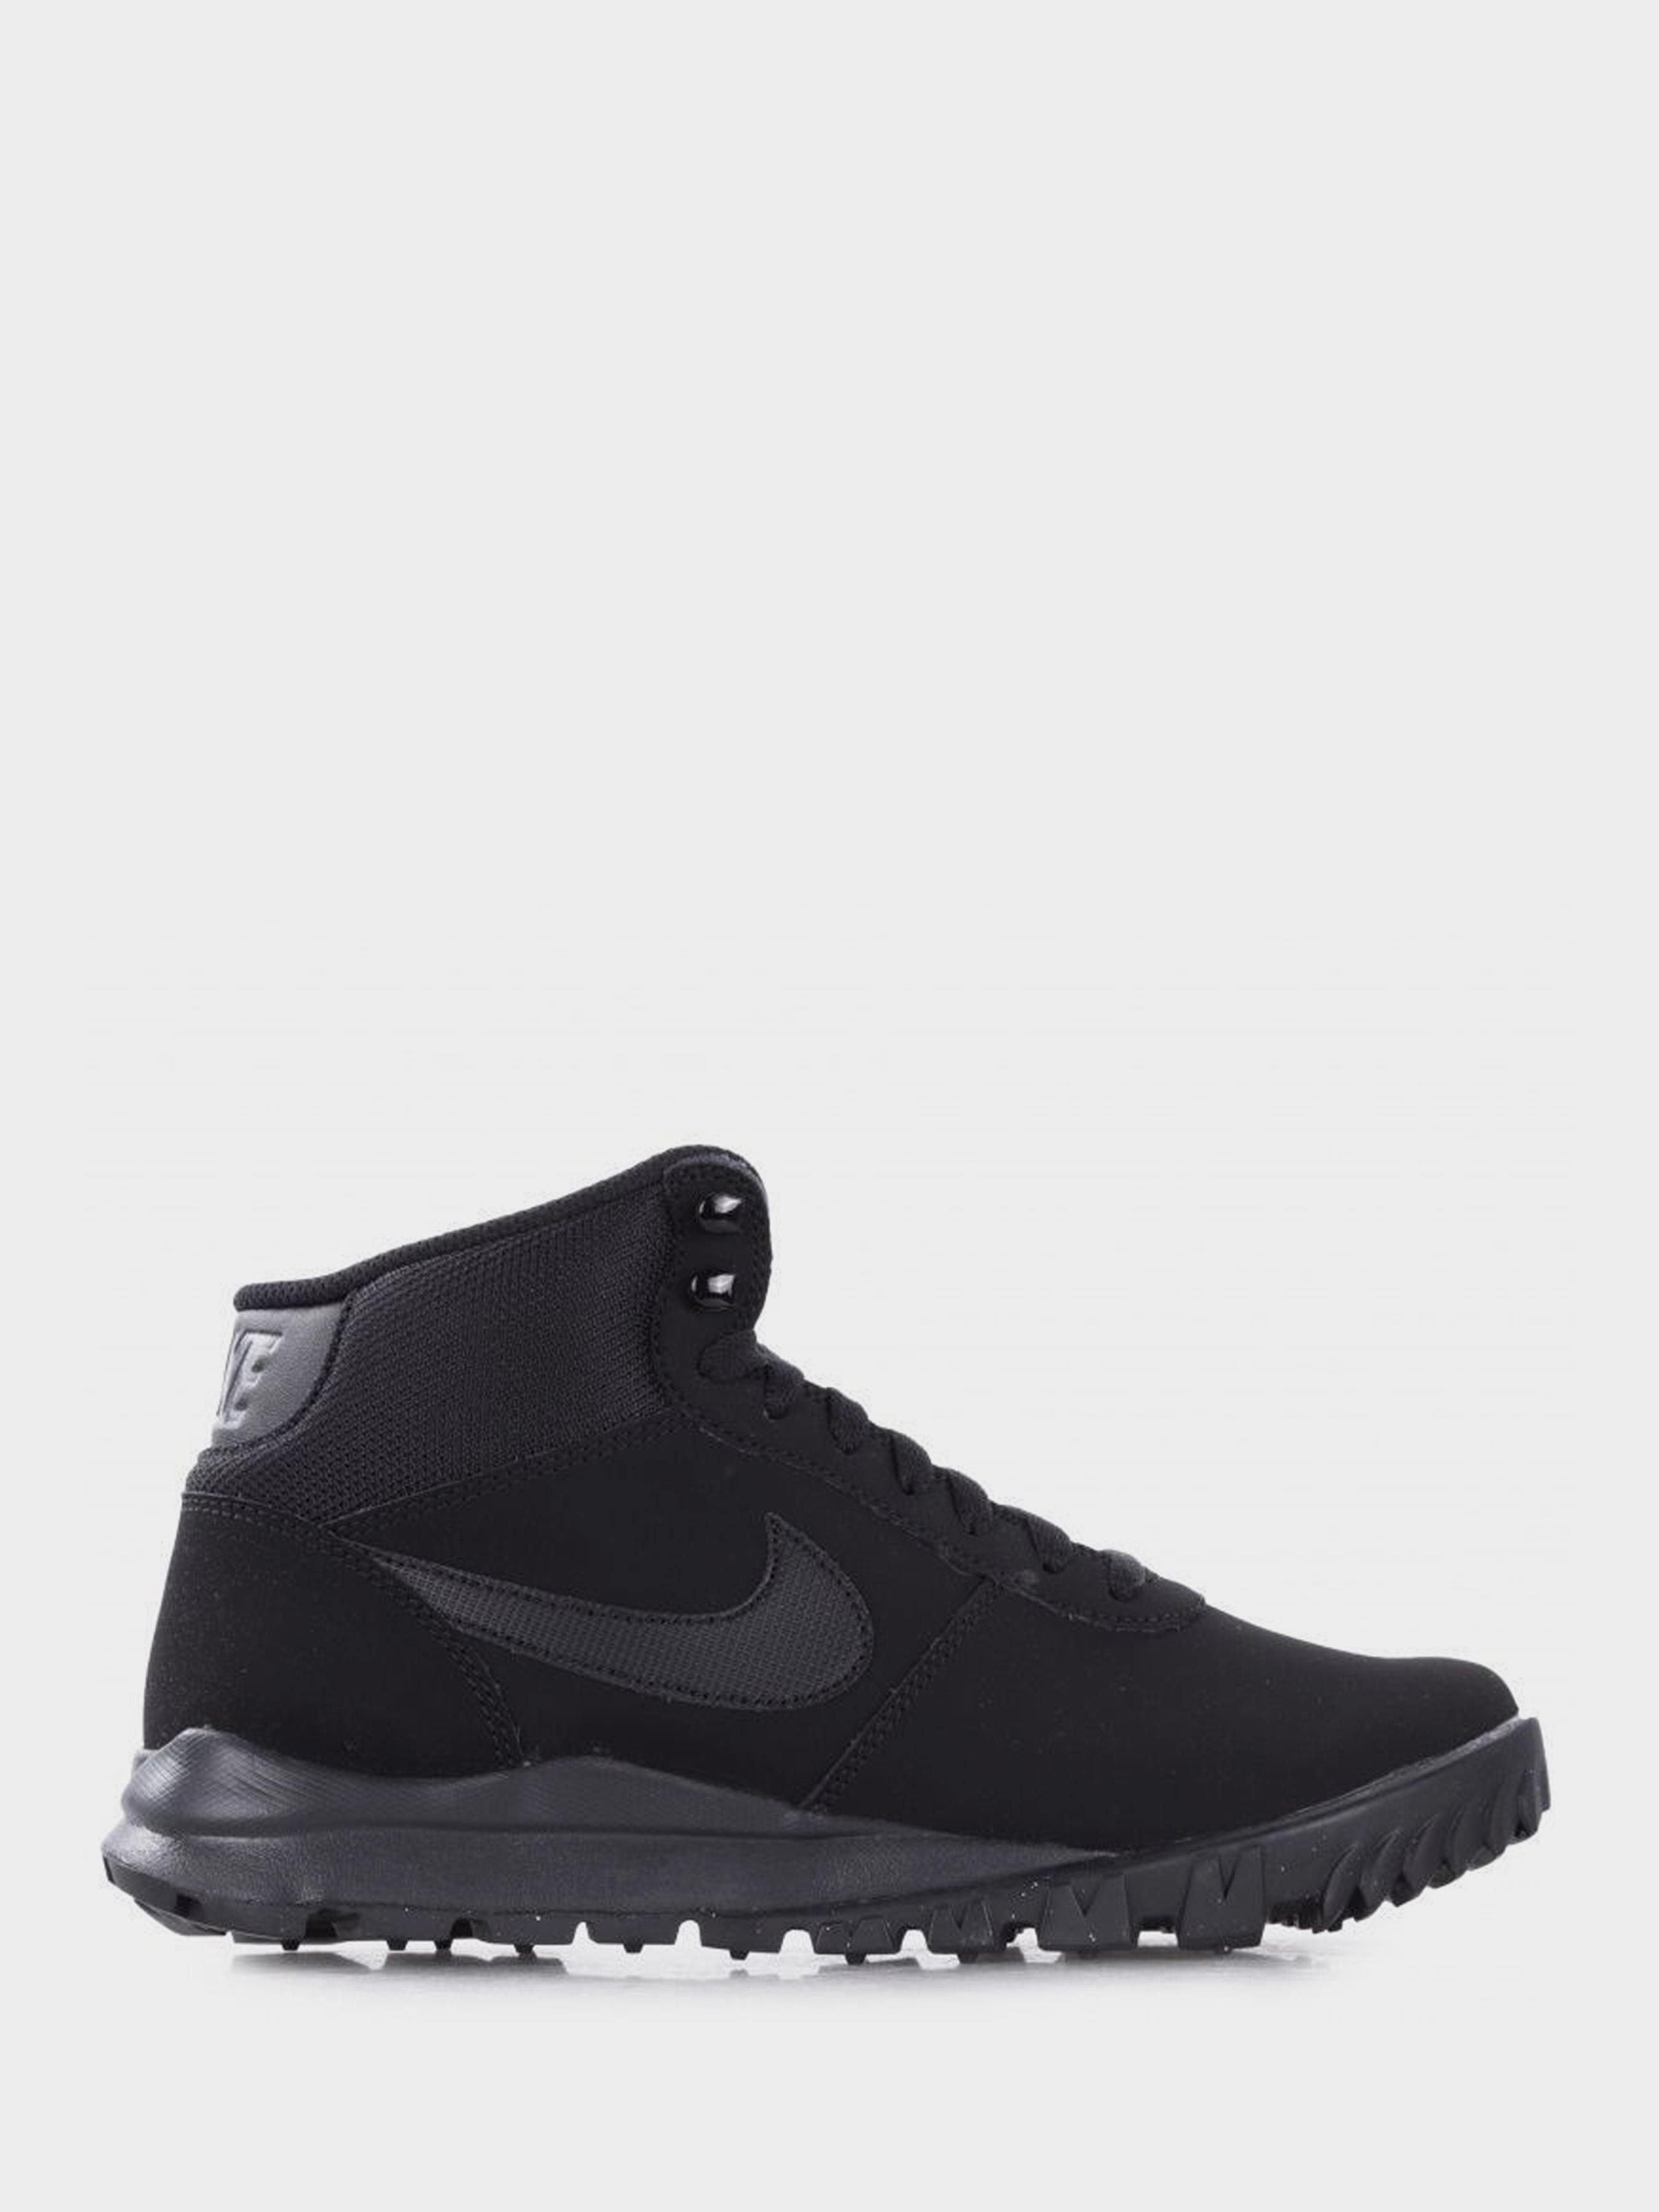 Купить Ботинки мужские NIKE NIKE HOODLAND SUEDE CE146, Черный